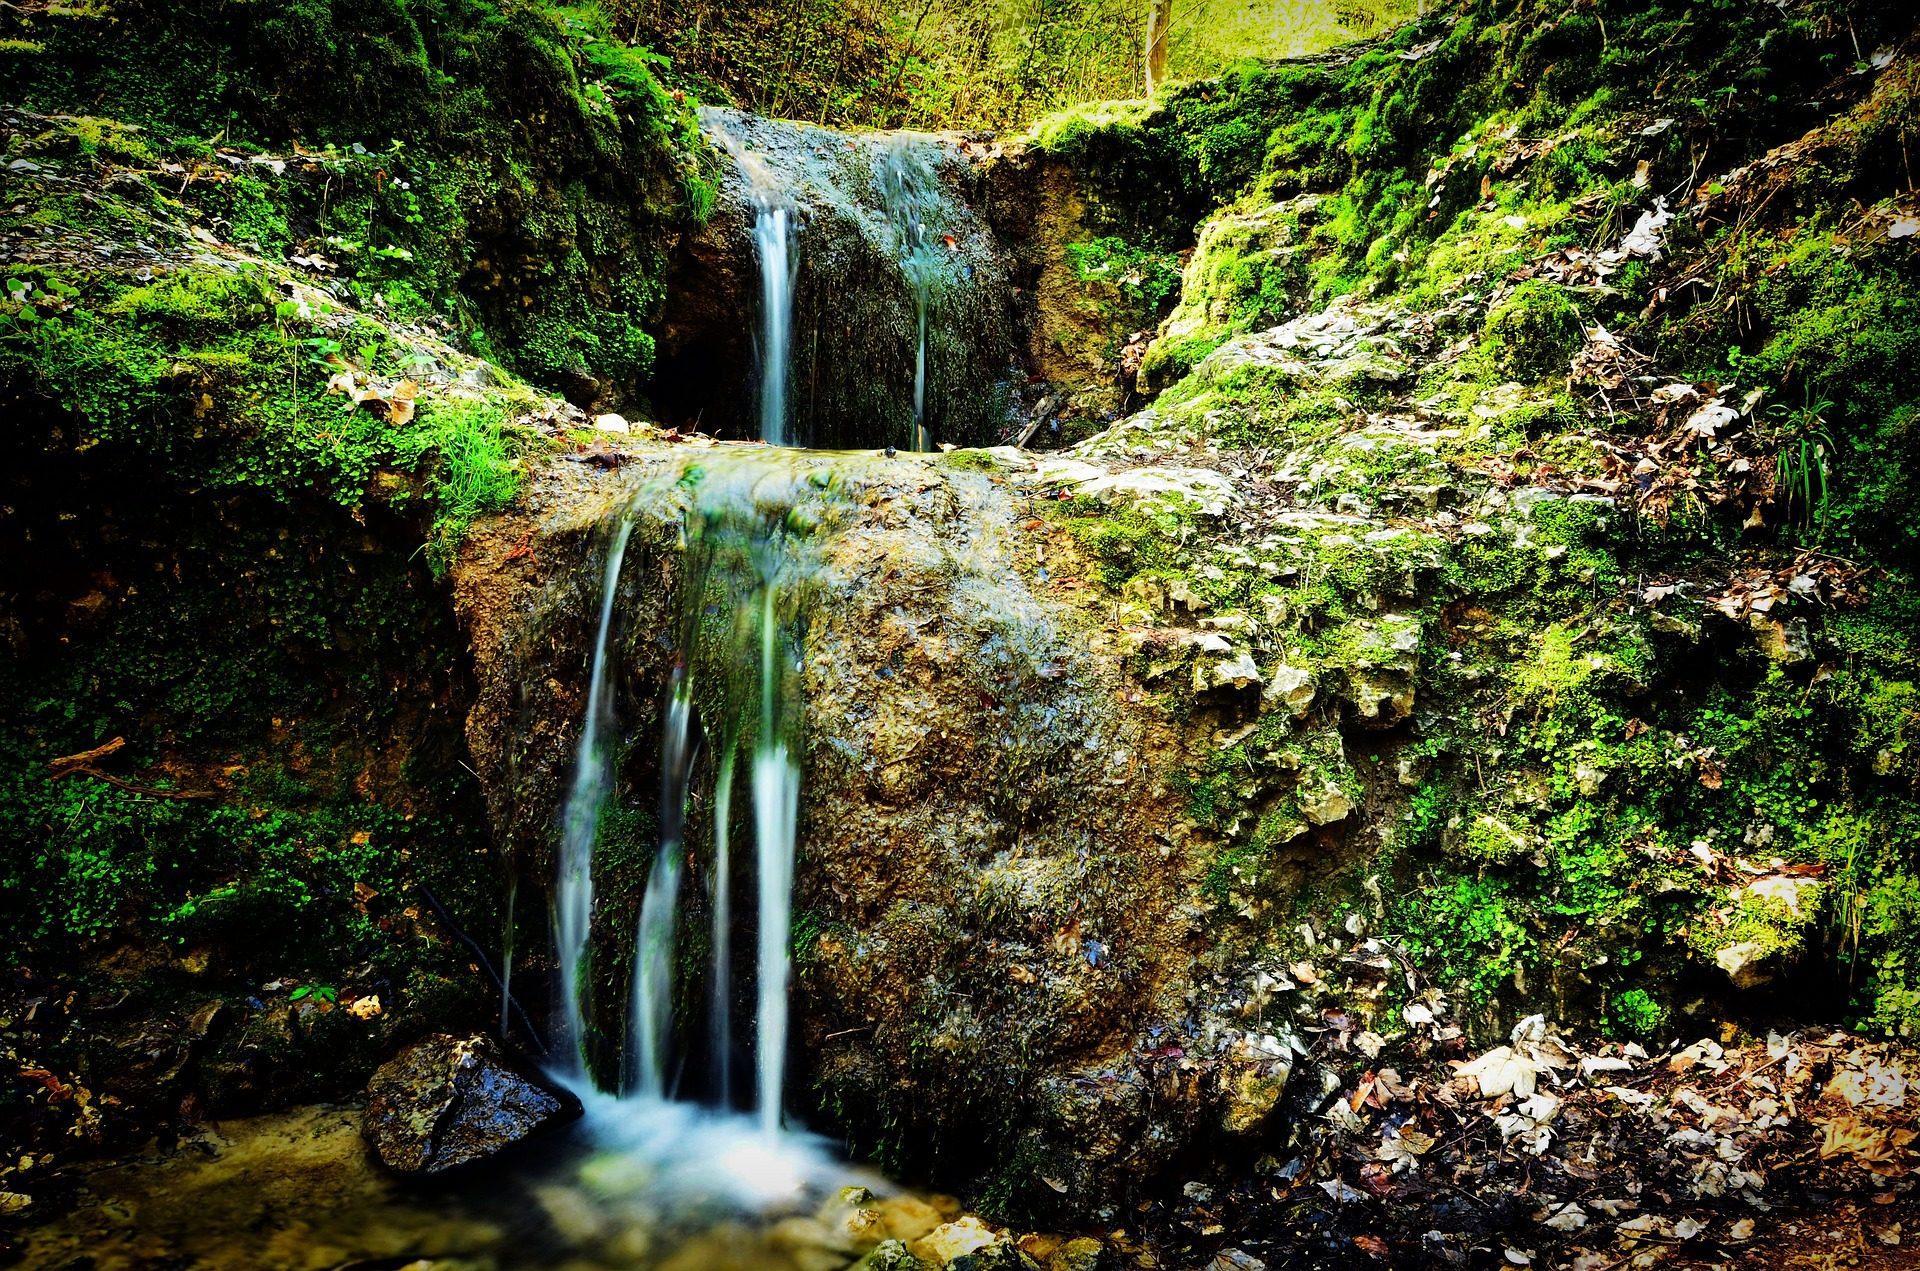 Falls, Cascadas, Forest, eau, humidité, Vegetación - Fonds d'écran HD - Professor-falken.com